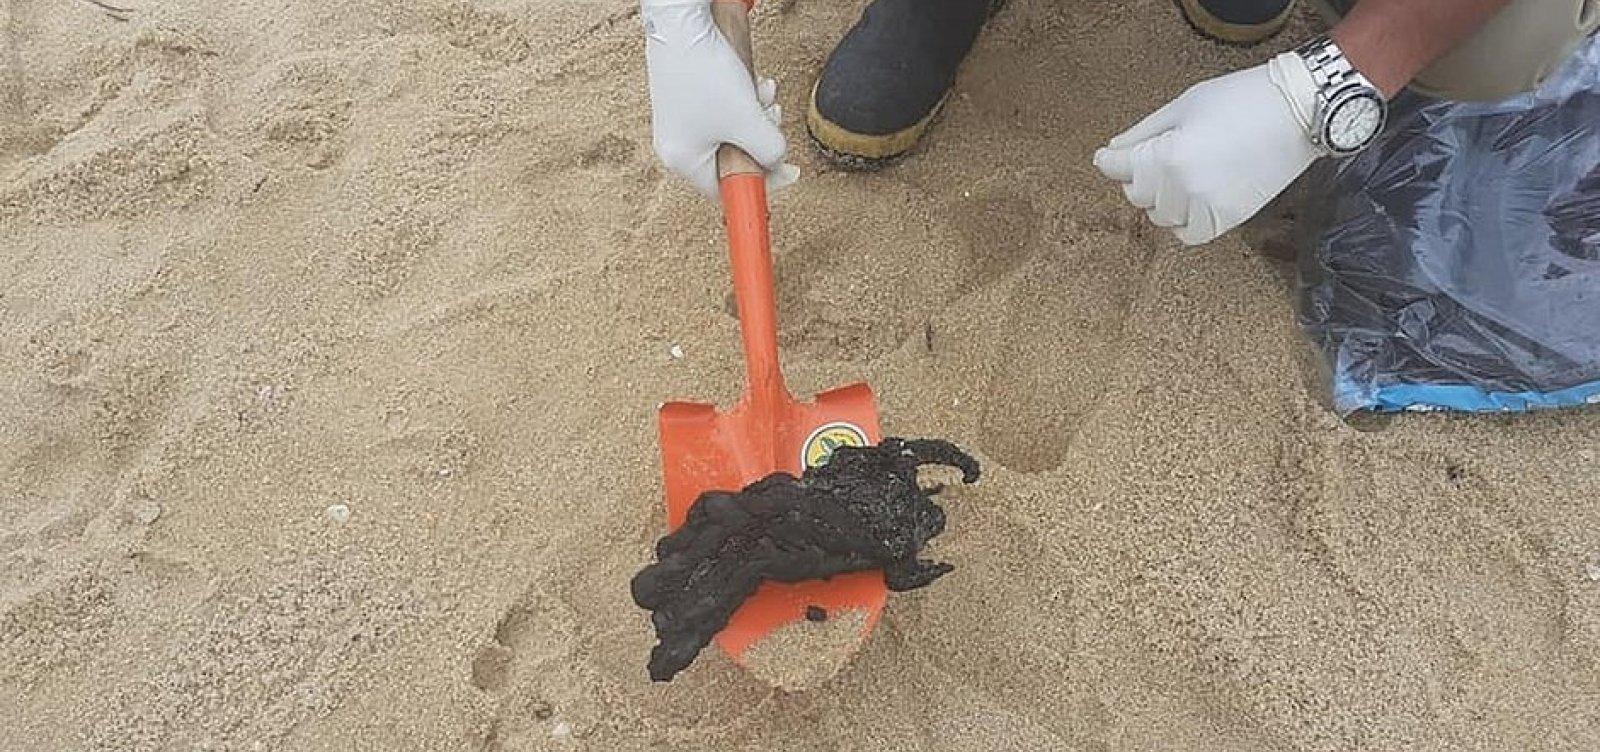 Óleo encontrado em Cabo Frio, no RJ, não é compatível ao identificado no Nordeste e ES